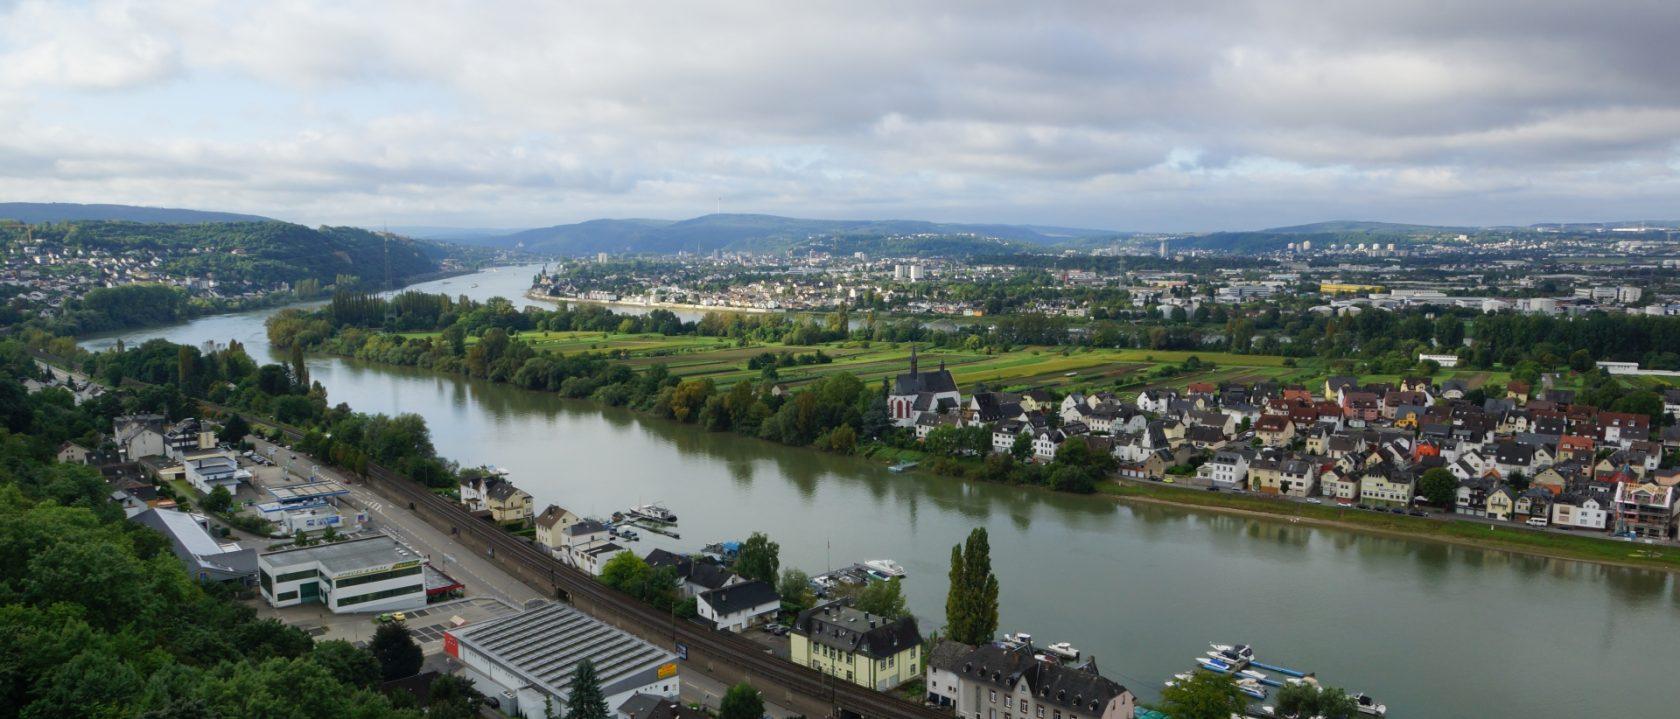 Romantischer Rhein um die Ferieninsel Niederwerth